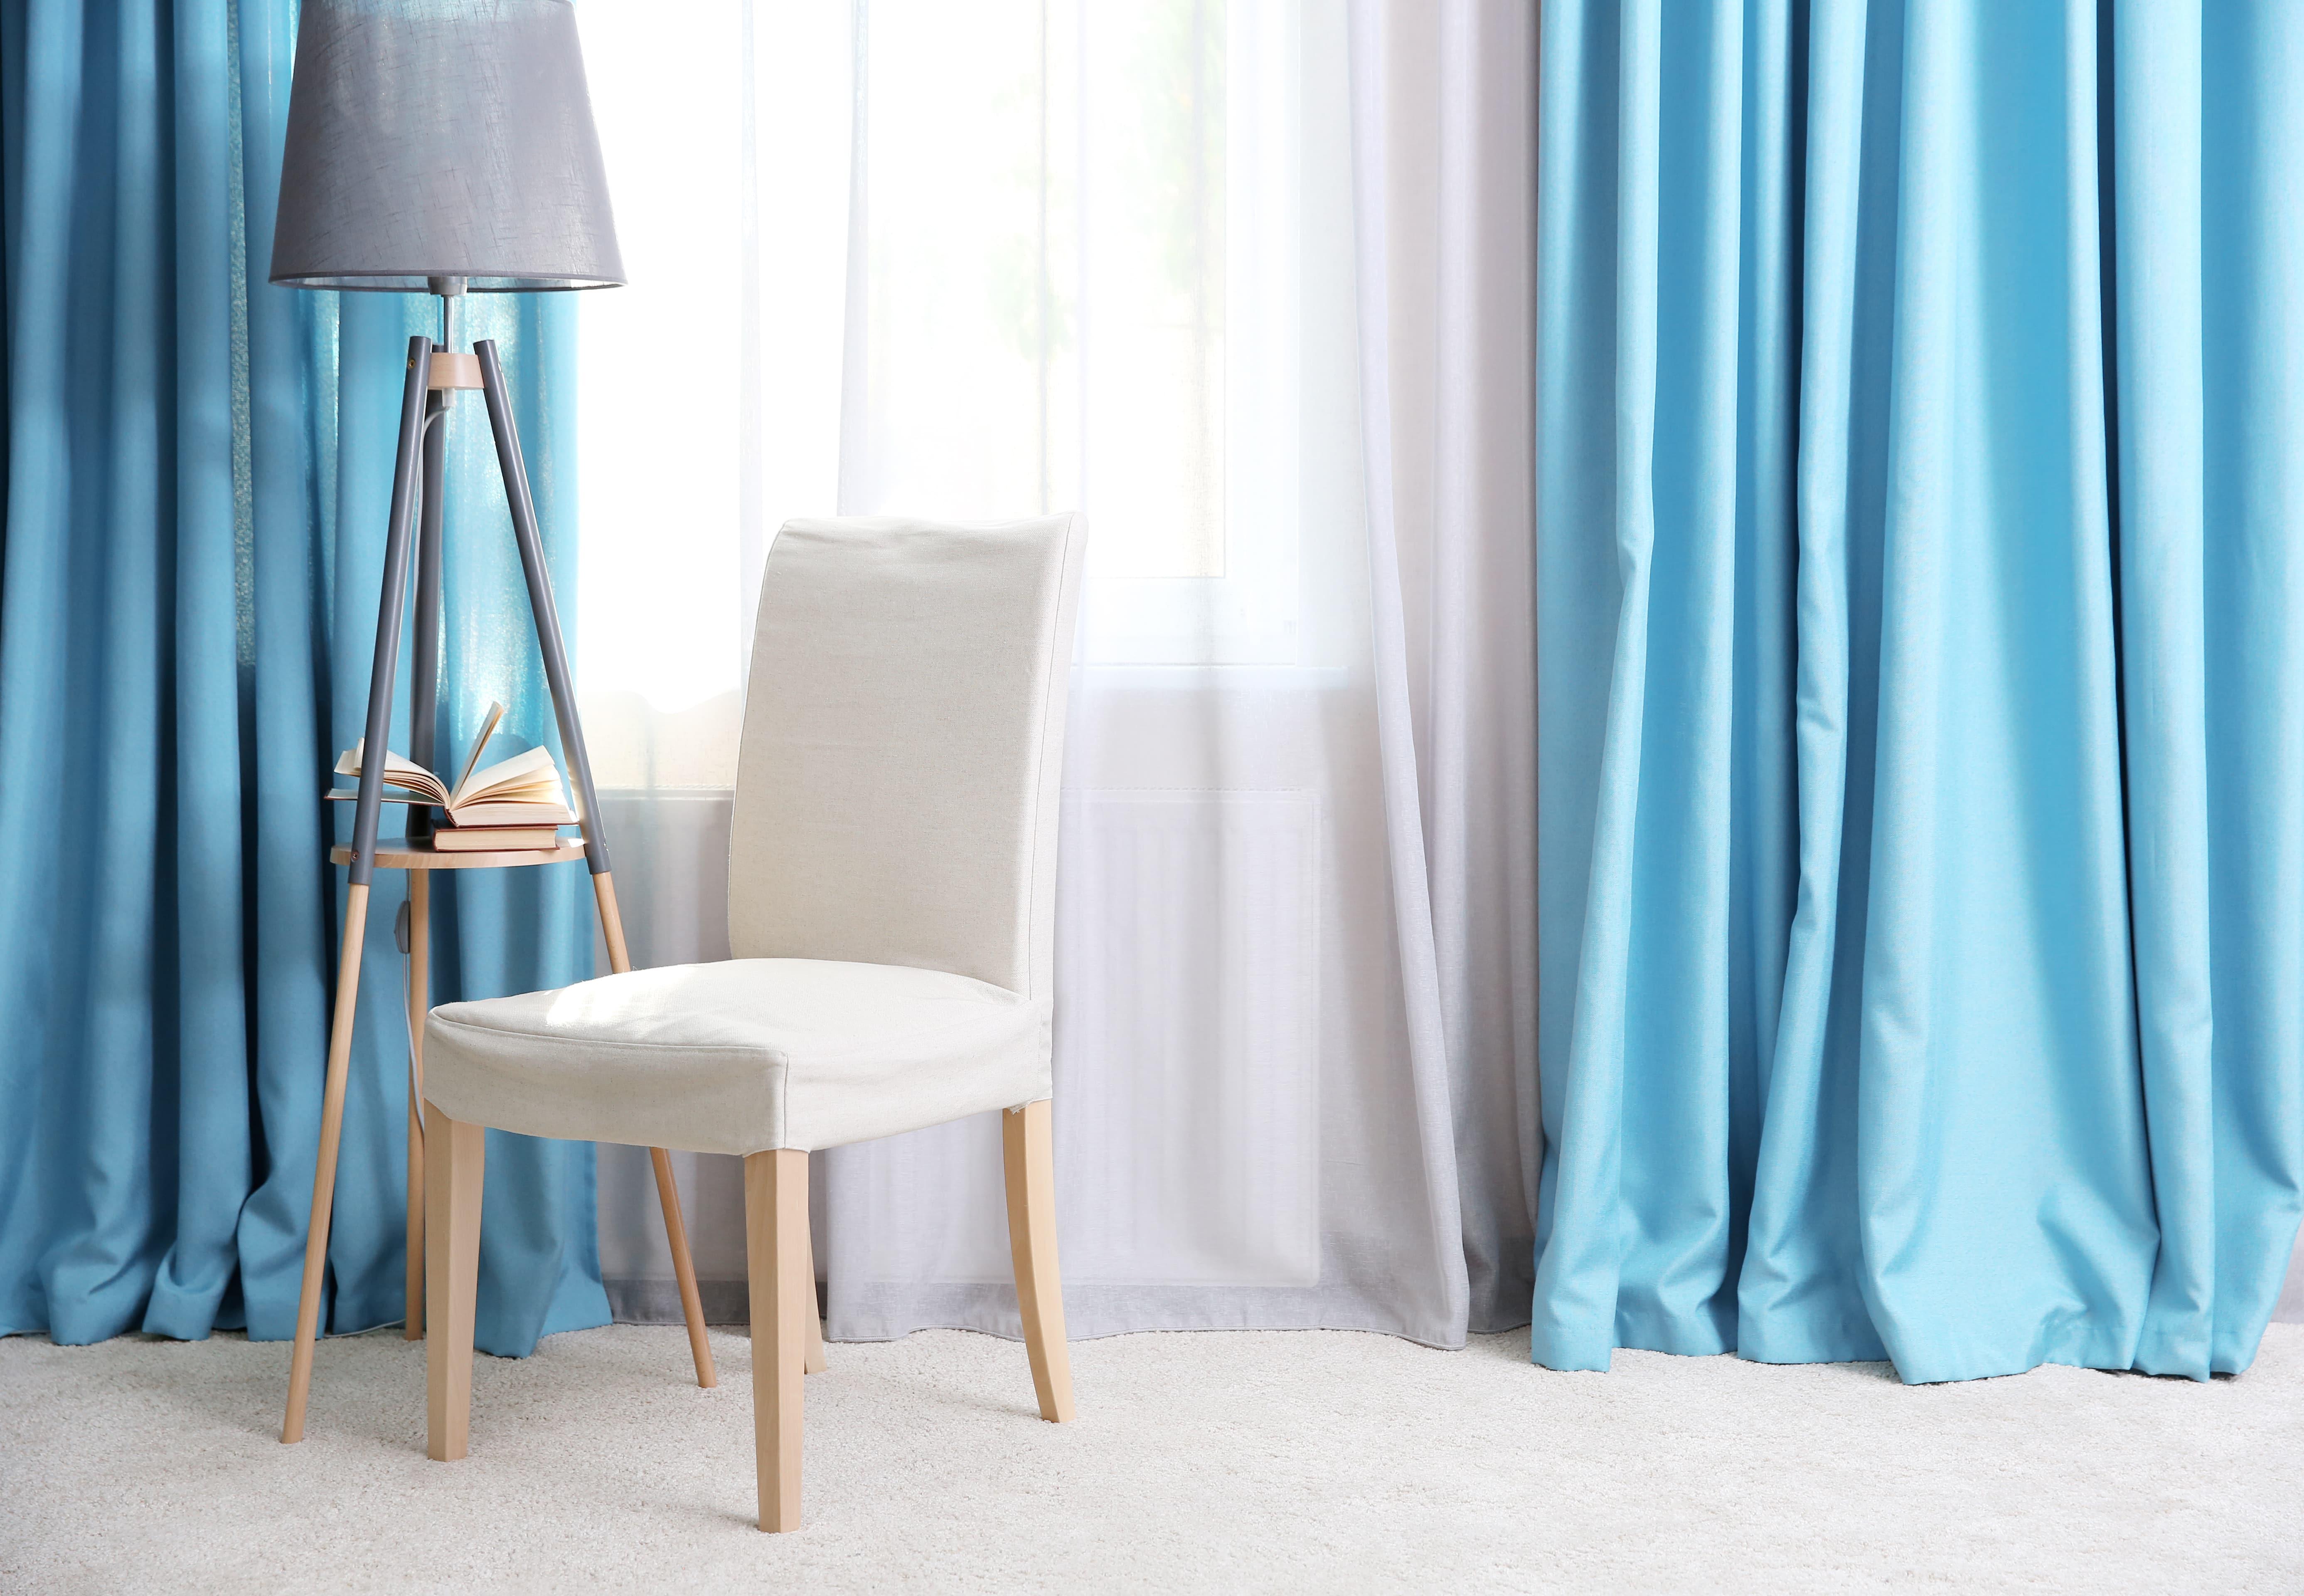 gardinen mehr als nur ein vorhang im zimmer 7roomz. Black Bedroom Furniture Sets. Home Design Ideas